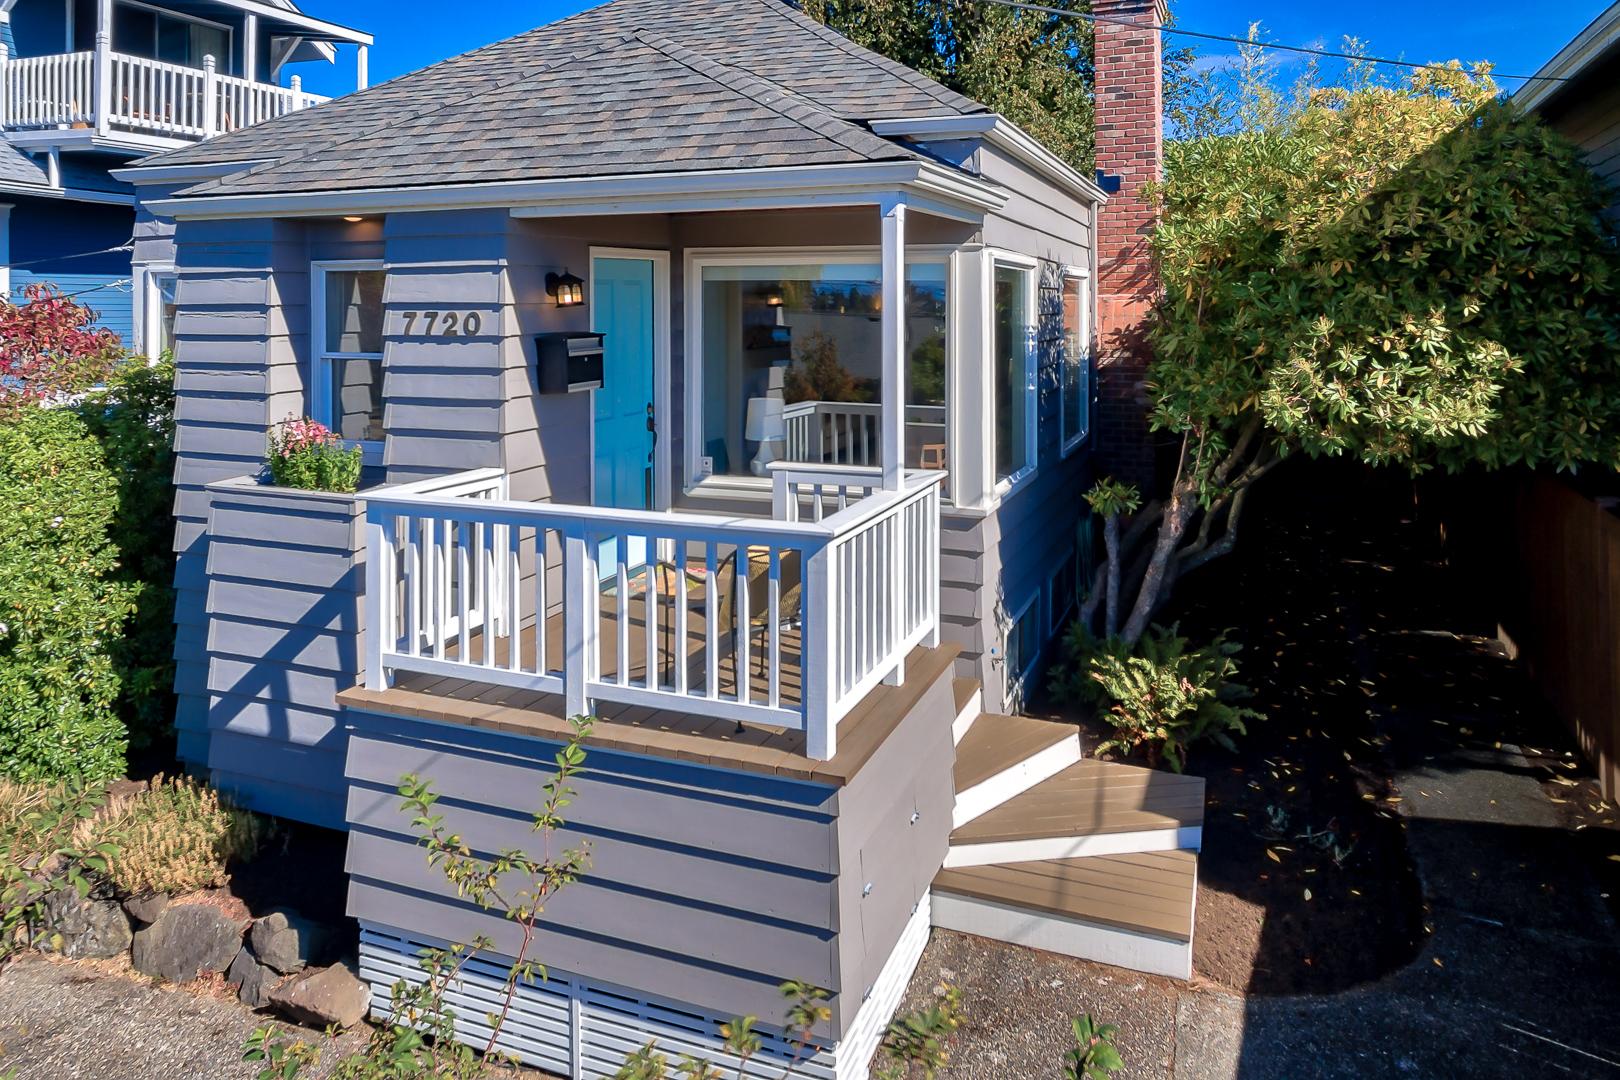 *7720 Meridian Ave N, Seattle | $850,000